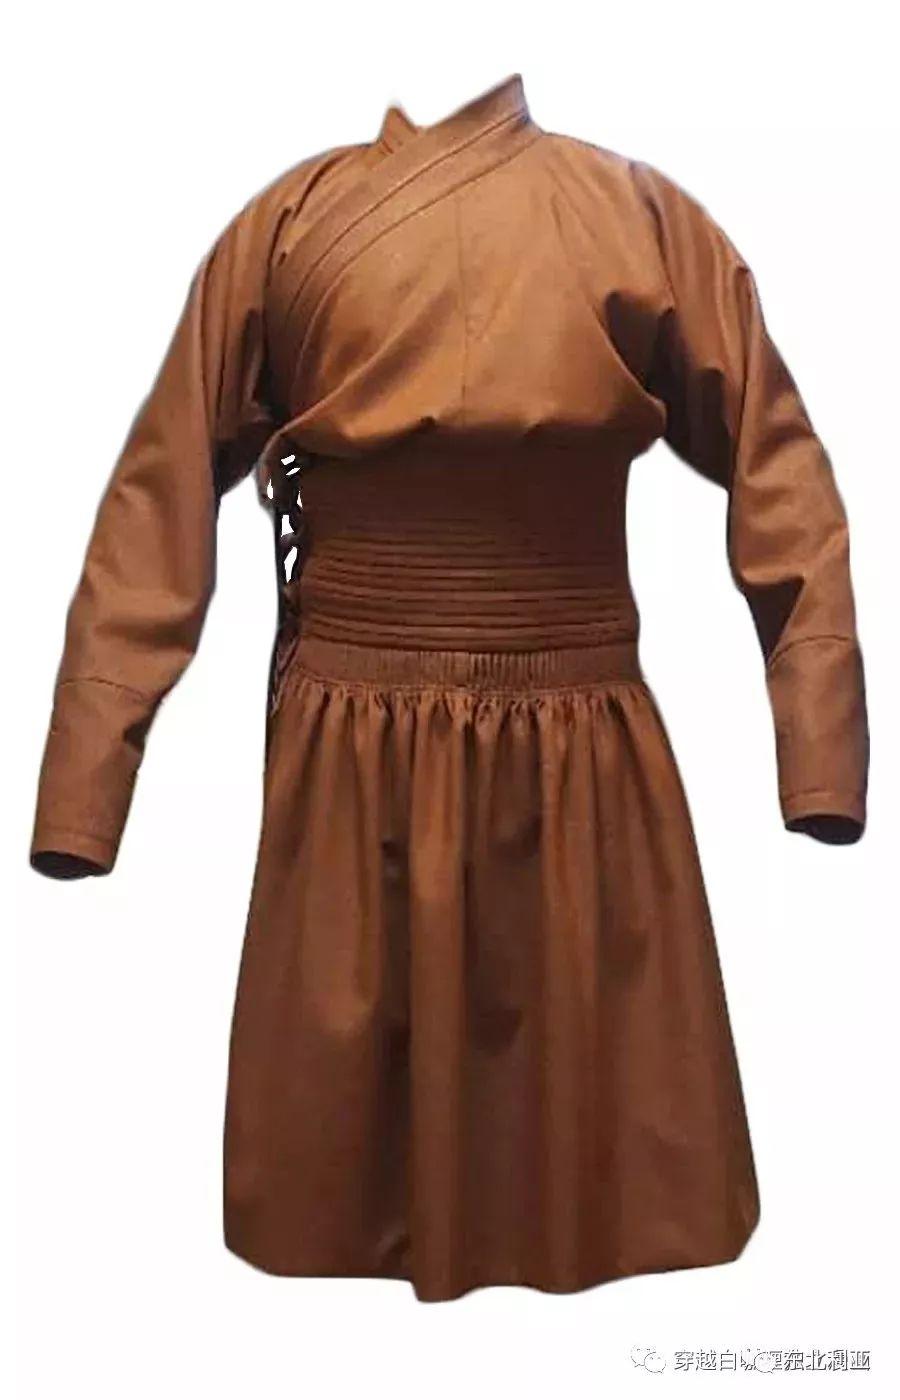 图集丨元代蒙古袍、画作及其复原品 第23张